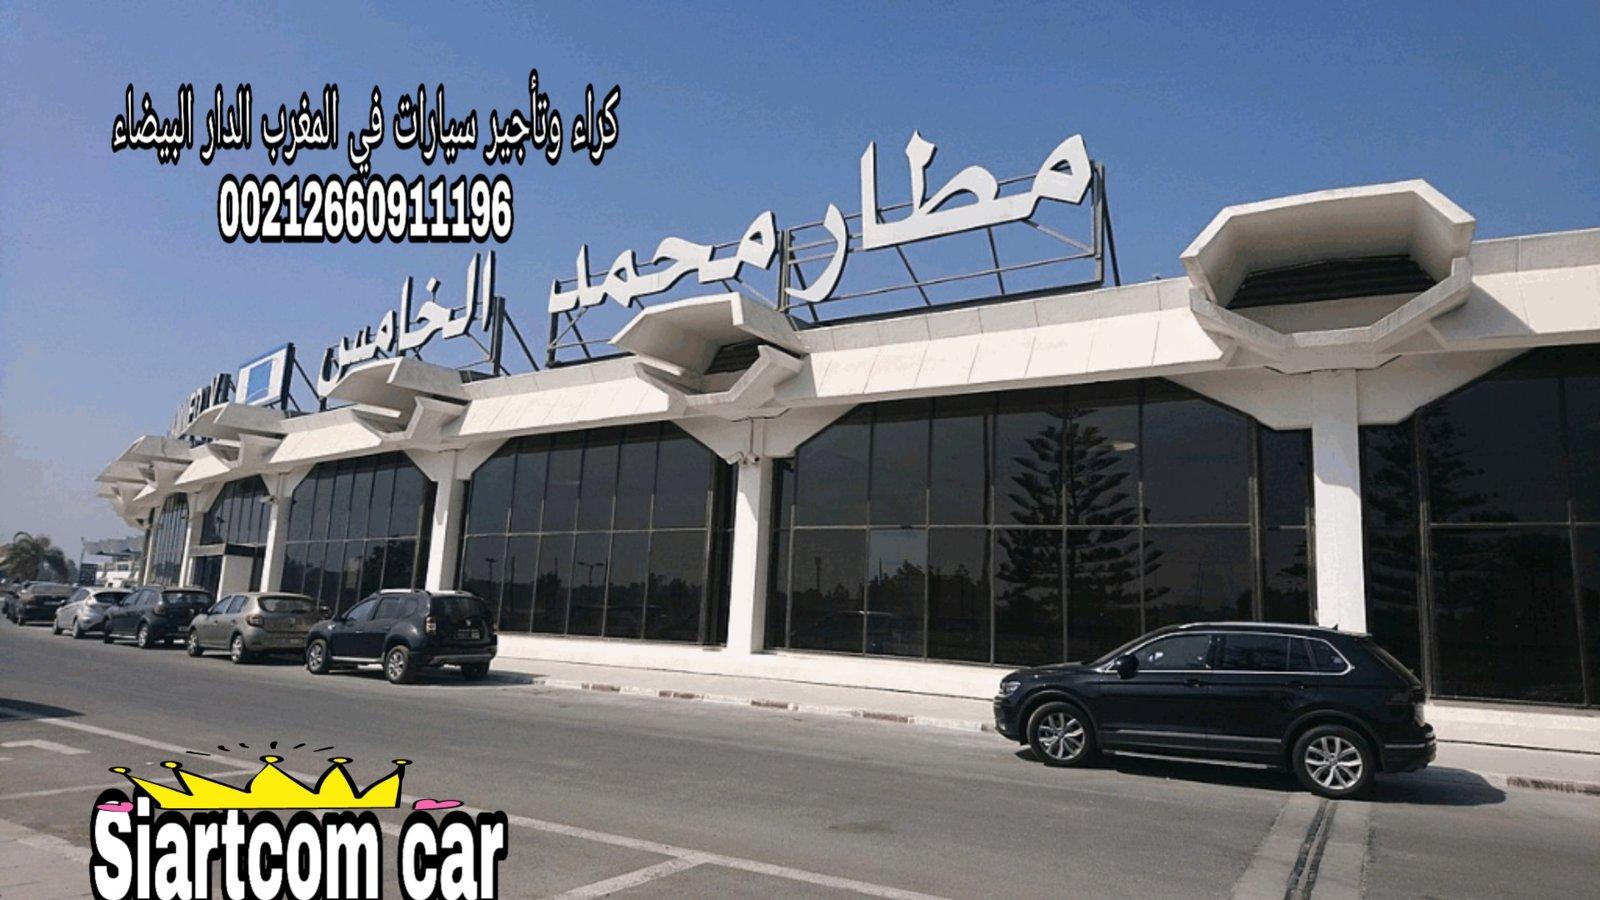 581462 المسافرون العرب تأجير سيارات في المغرب عرض خاص vip